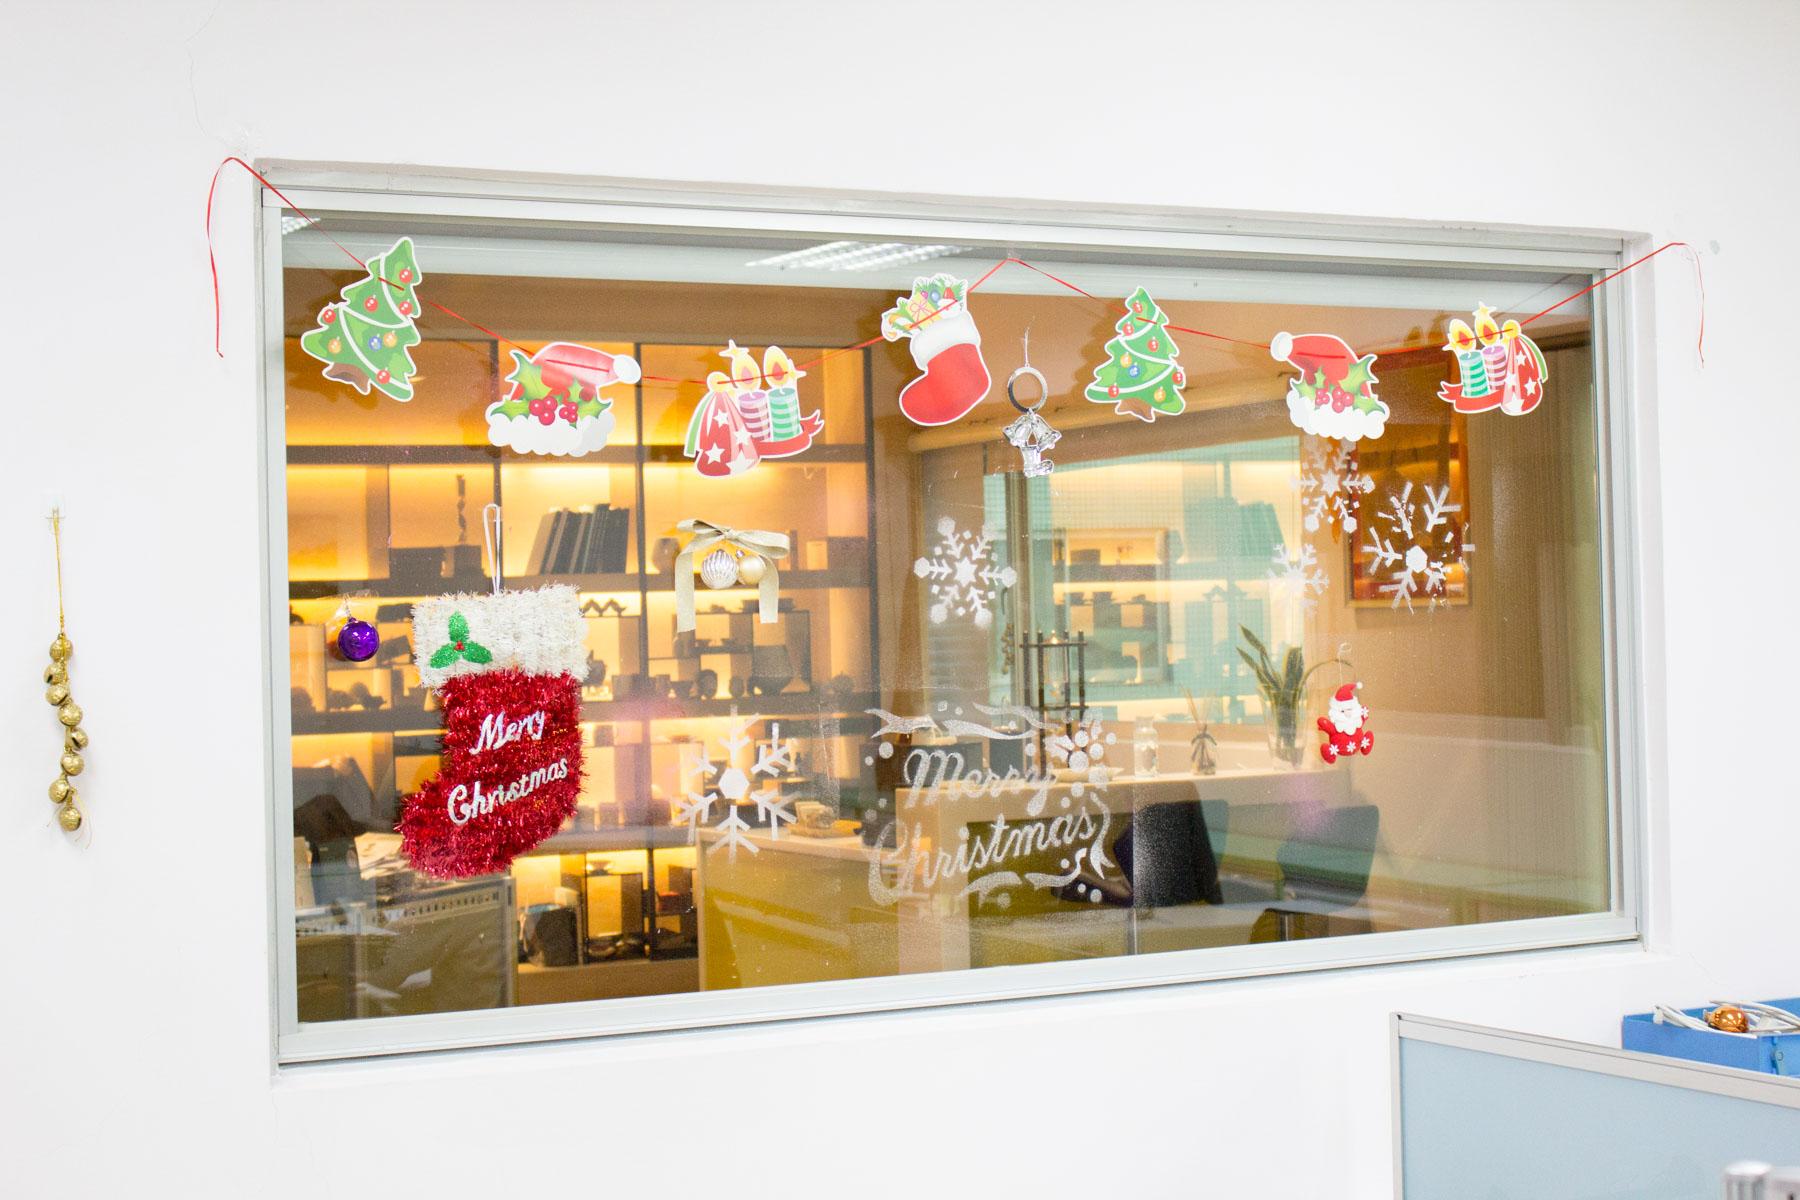 Martas 2020 Christmas Decoration Contest